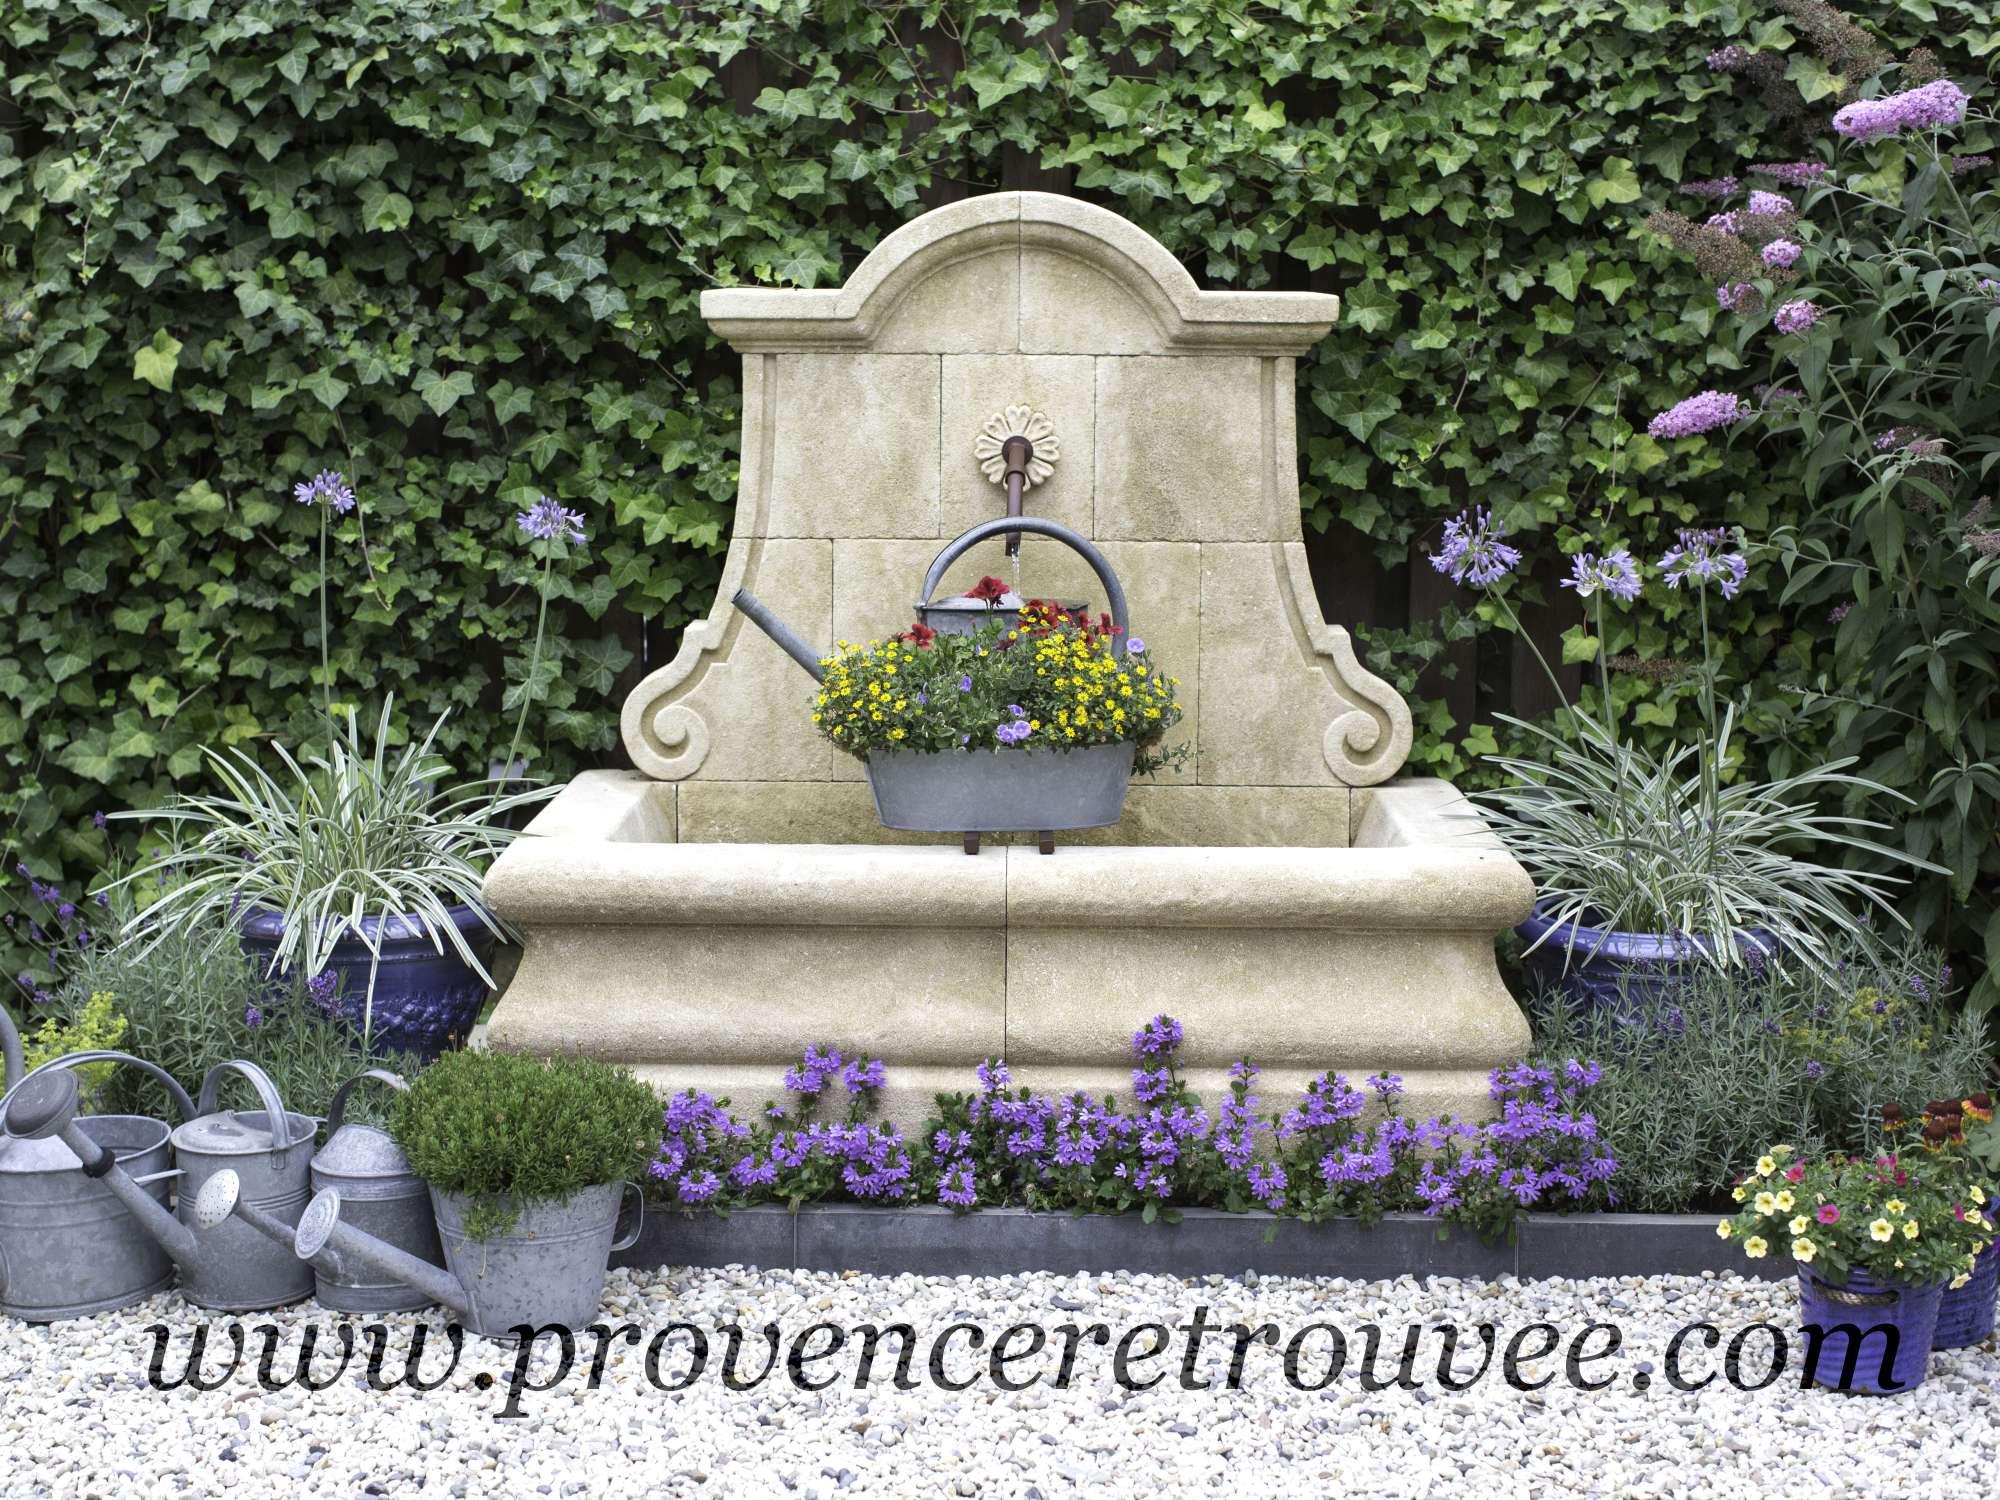 Fabricant de fontaines murales de jardin en pierre naturelle